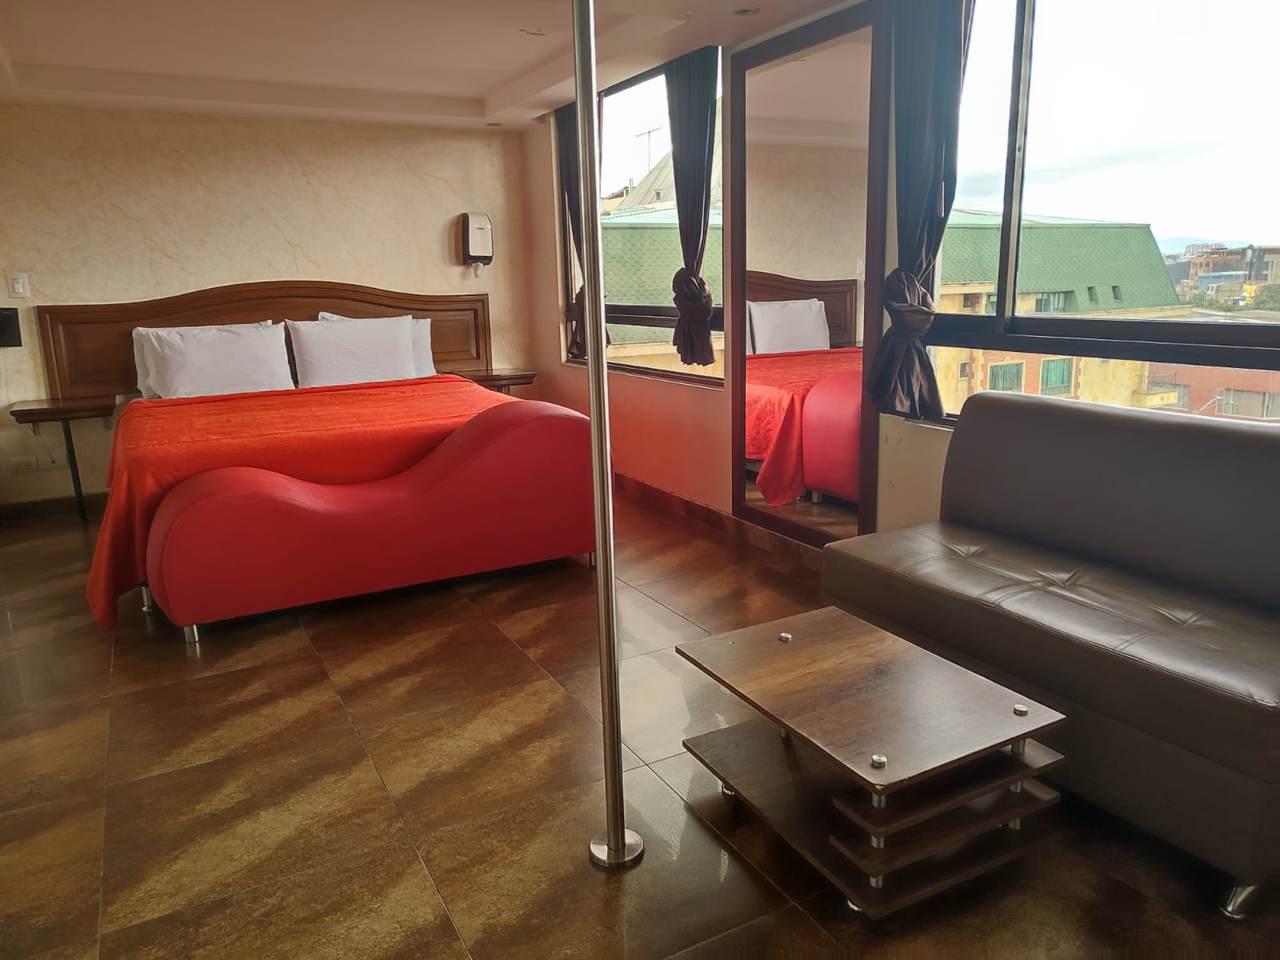 Habitación Suite Cattleya Sauna y Jacuzzi en Amoblados El Romance : MotelNow